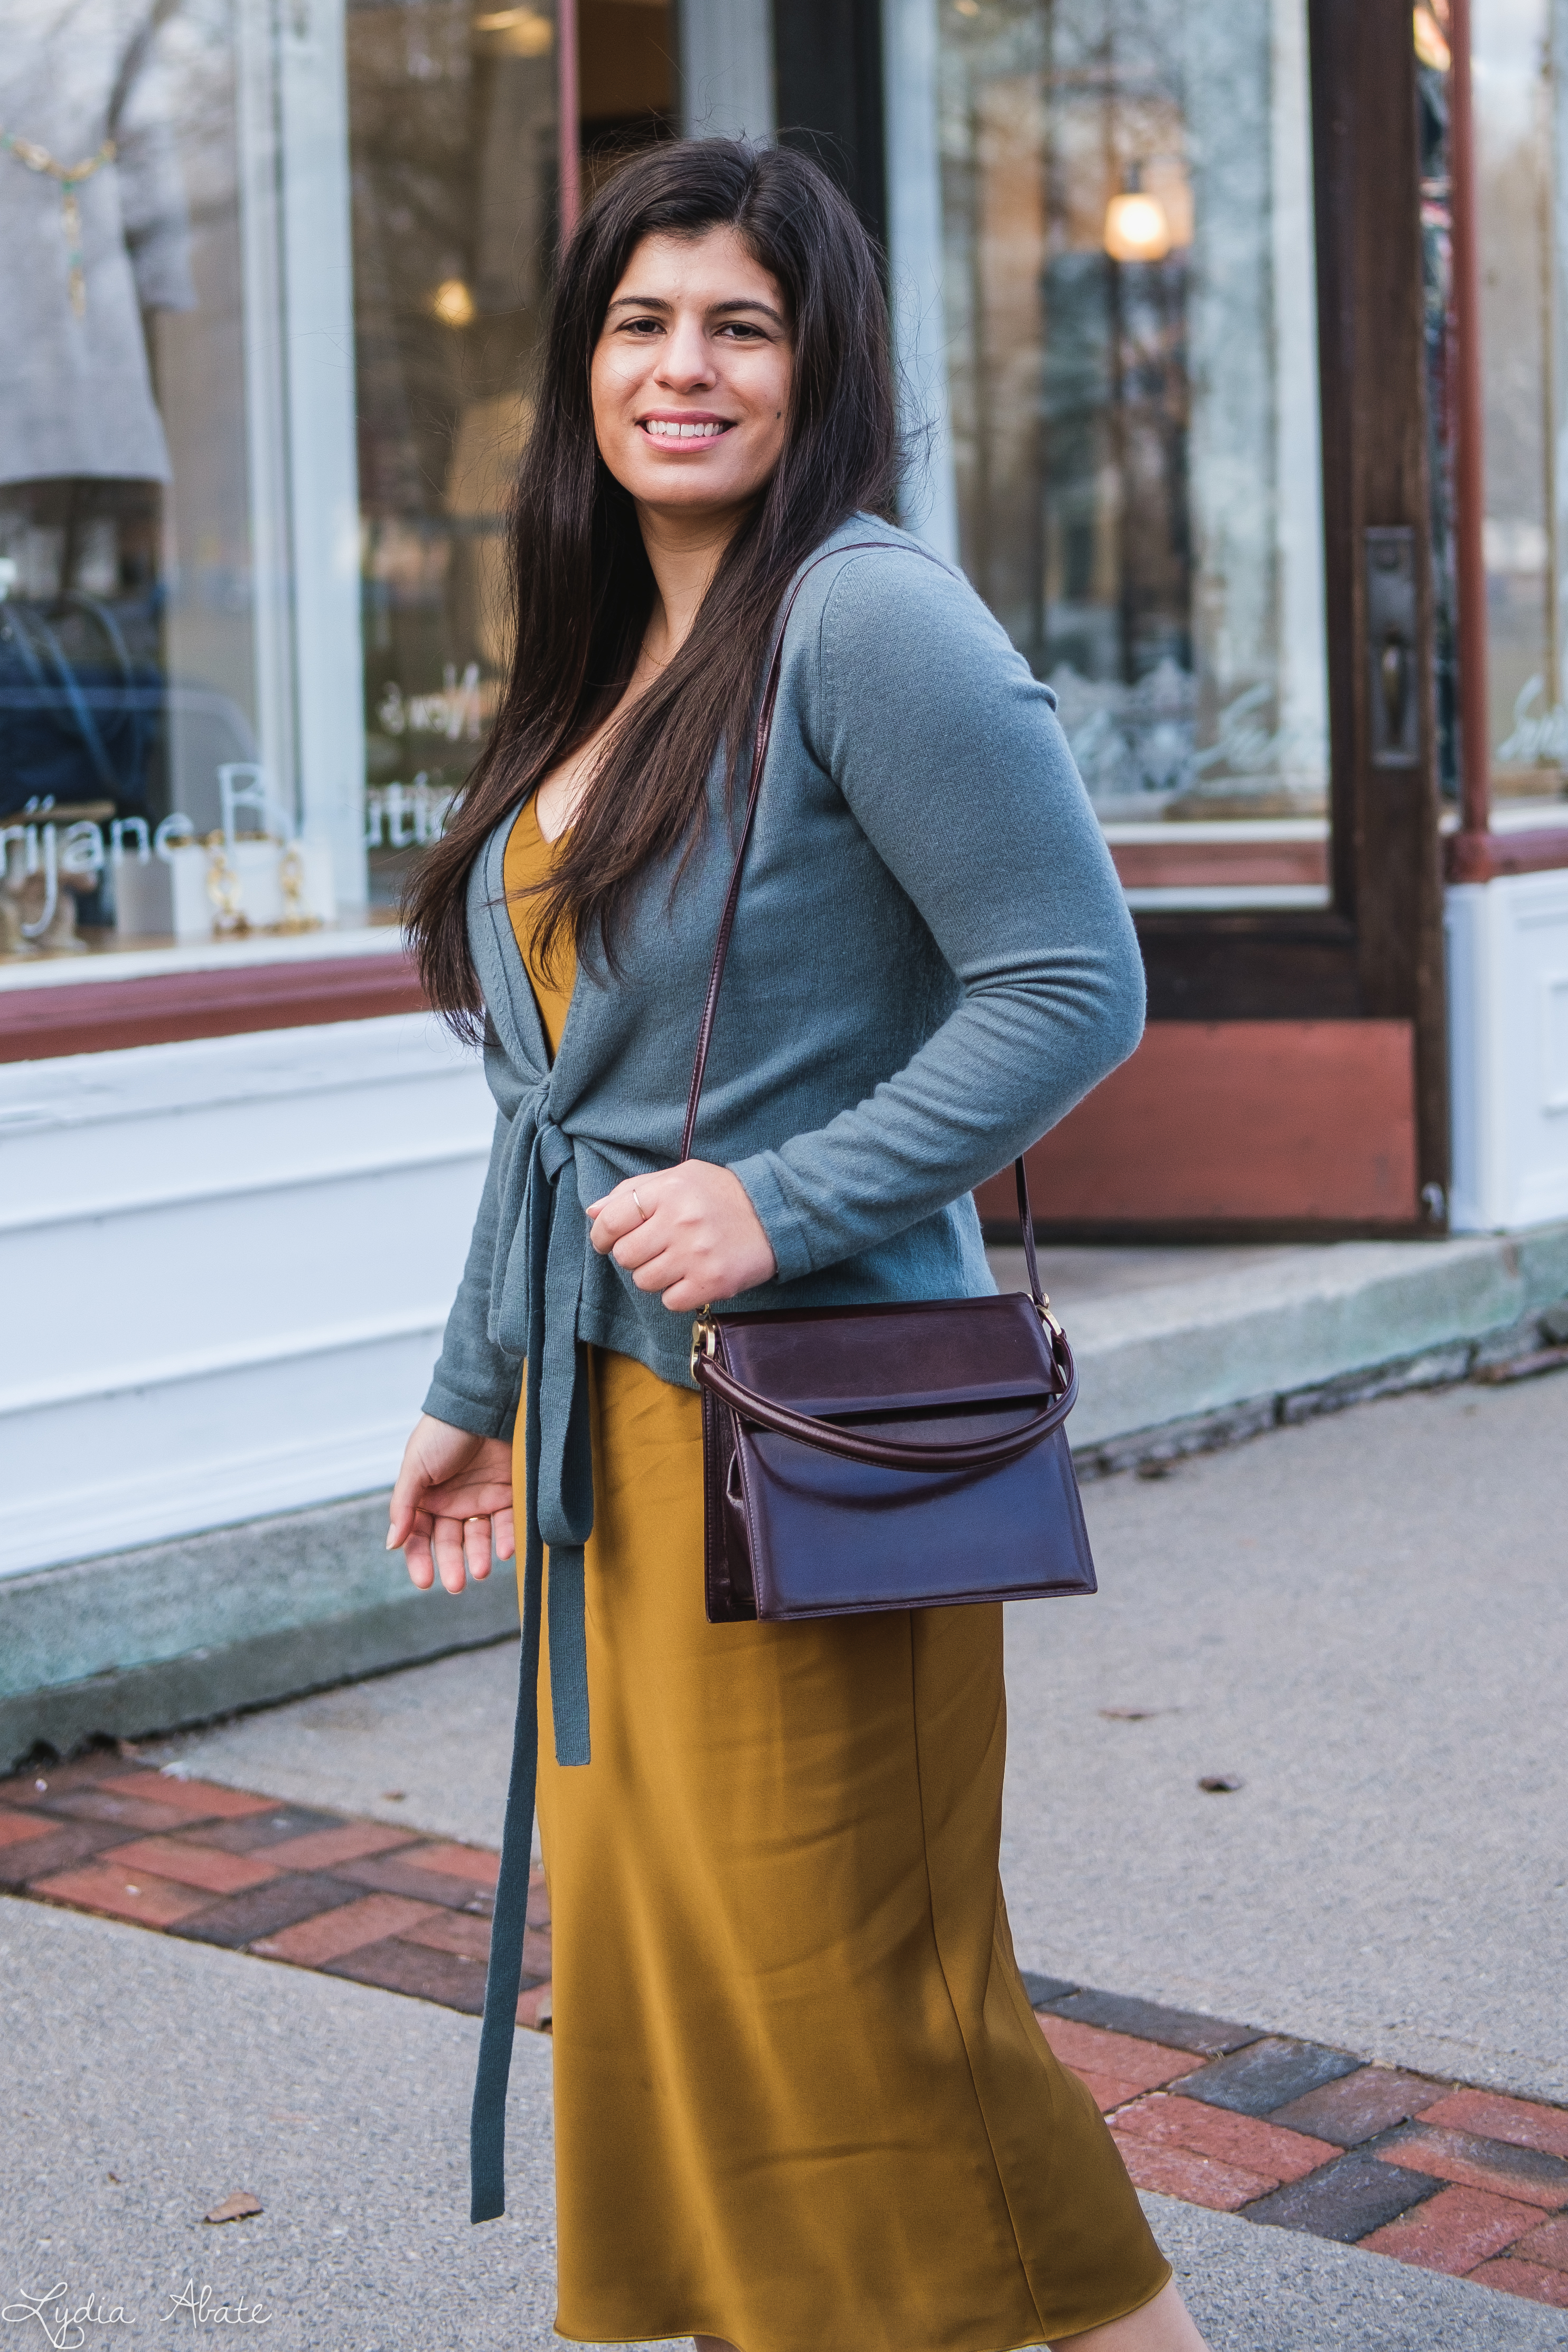 satin slip dress, cashmere cardigan, vintage bag, croc heels-11.jpg